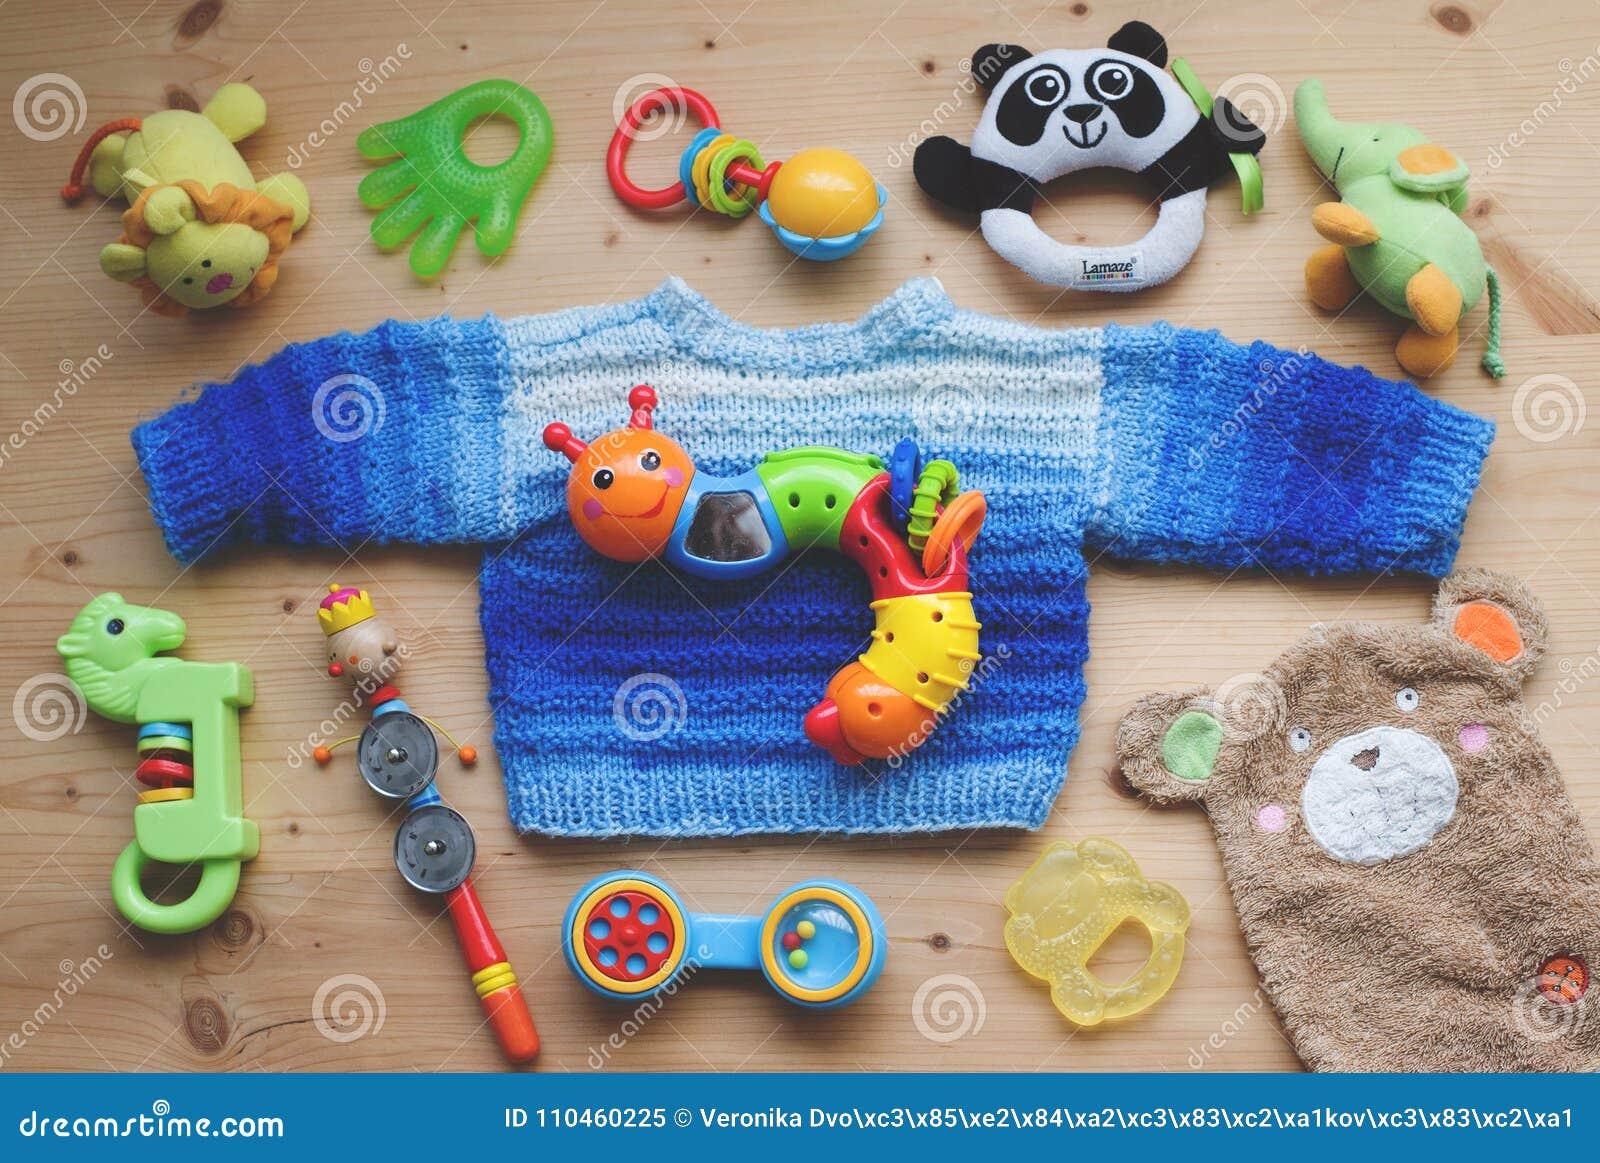 Niederstetten Tyskland, Februari 2018: Barnleksakerna och den hemlagade blåa tröjan som ligger på träbakgrund